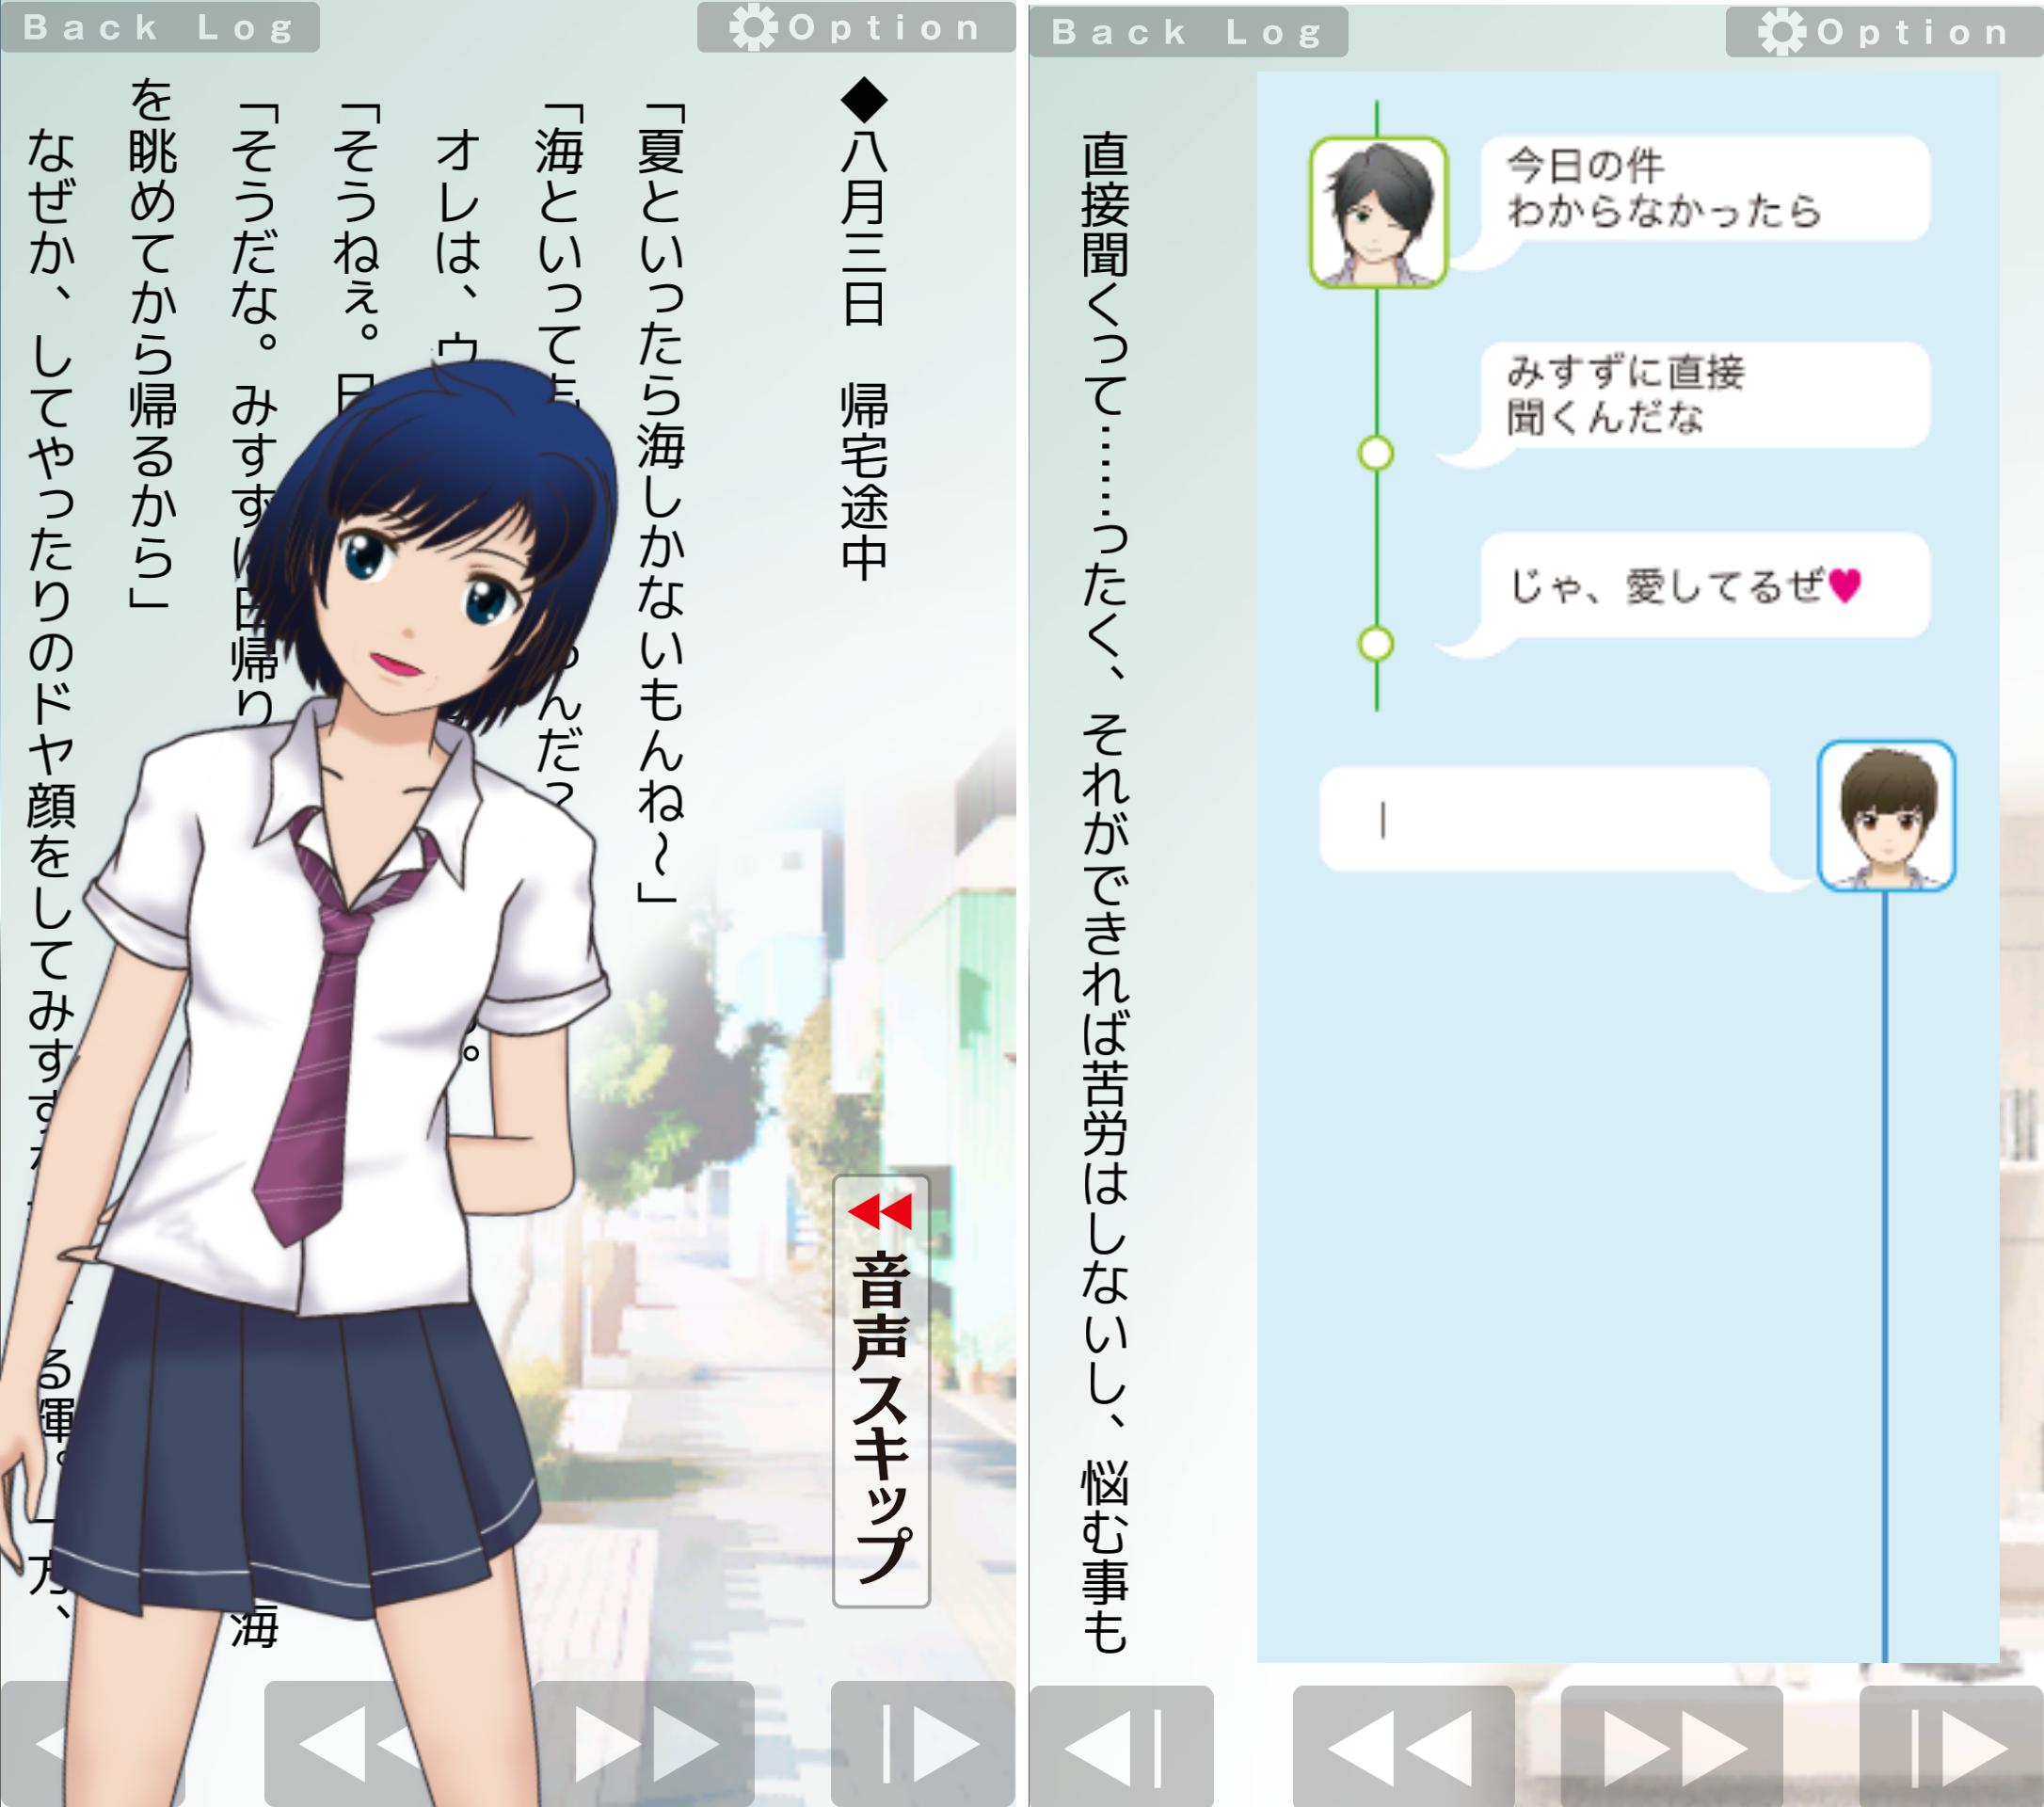 夏恋 karen 〝好き〟から始まる物語 androidアプリスクリーンショット1